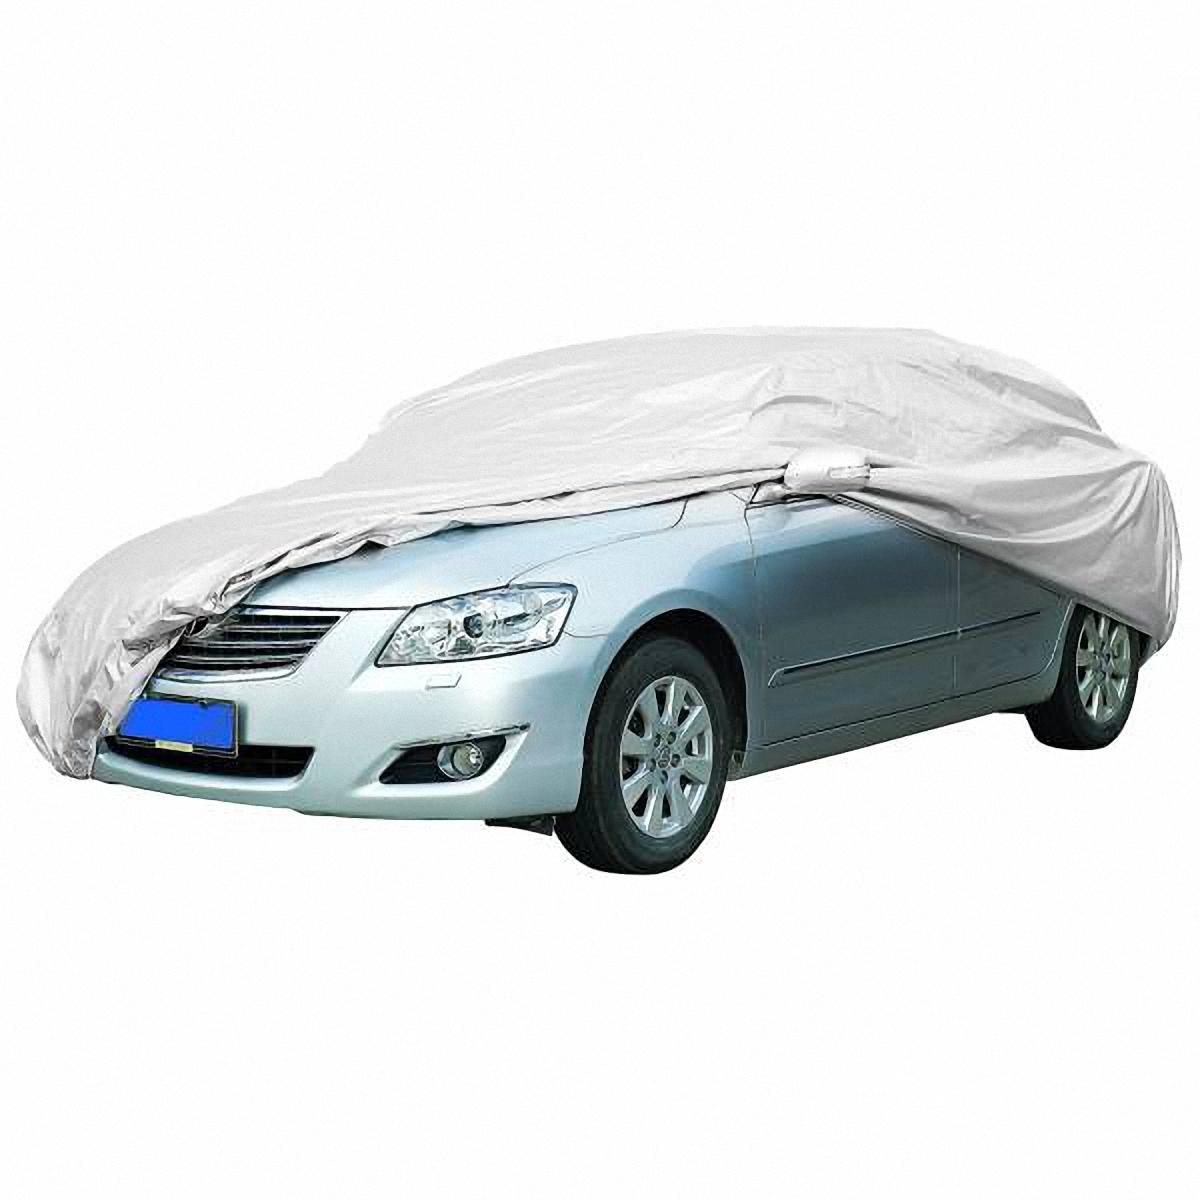 Чехол-тент автомобильный Skyway, 533 х 178 х 119 см. Размер XLS04401004Тент автомобильный позволит защитить кузов вашего транспортного средства от коррозии и загрязнений во время хранения или транспортировки, а вас избавит от необходимости частого мытья вашего автомобиля. Чехол-тент предохраняет лакокрасочное покрытие кузова, стекла и фары вашего автомобиля от воздействия прямых солнечных лучей и неблагоприятных погодных условий, загрязнений. Легко и быстро надевается на автомобиль, не царапая и не повреждая его. Изготовлен из высококачественного полиэстера. В передней и задней части тента вшиты резинки, стягивающие его нижний край под передним и задним бамперами. Обладает высокой влаго- и износостойкостью. Обладает светоотражающими и пылезащитными свойствами. Выдерживает как низкие, так и высокие температуры. Воздухопроницаемый материал. Состав: полиэстер. Размер: 533 х 178 х 119 см.